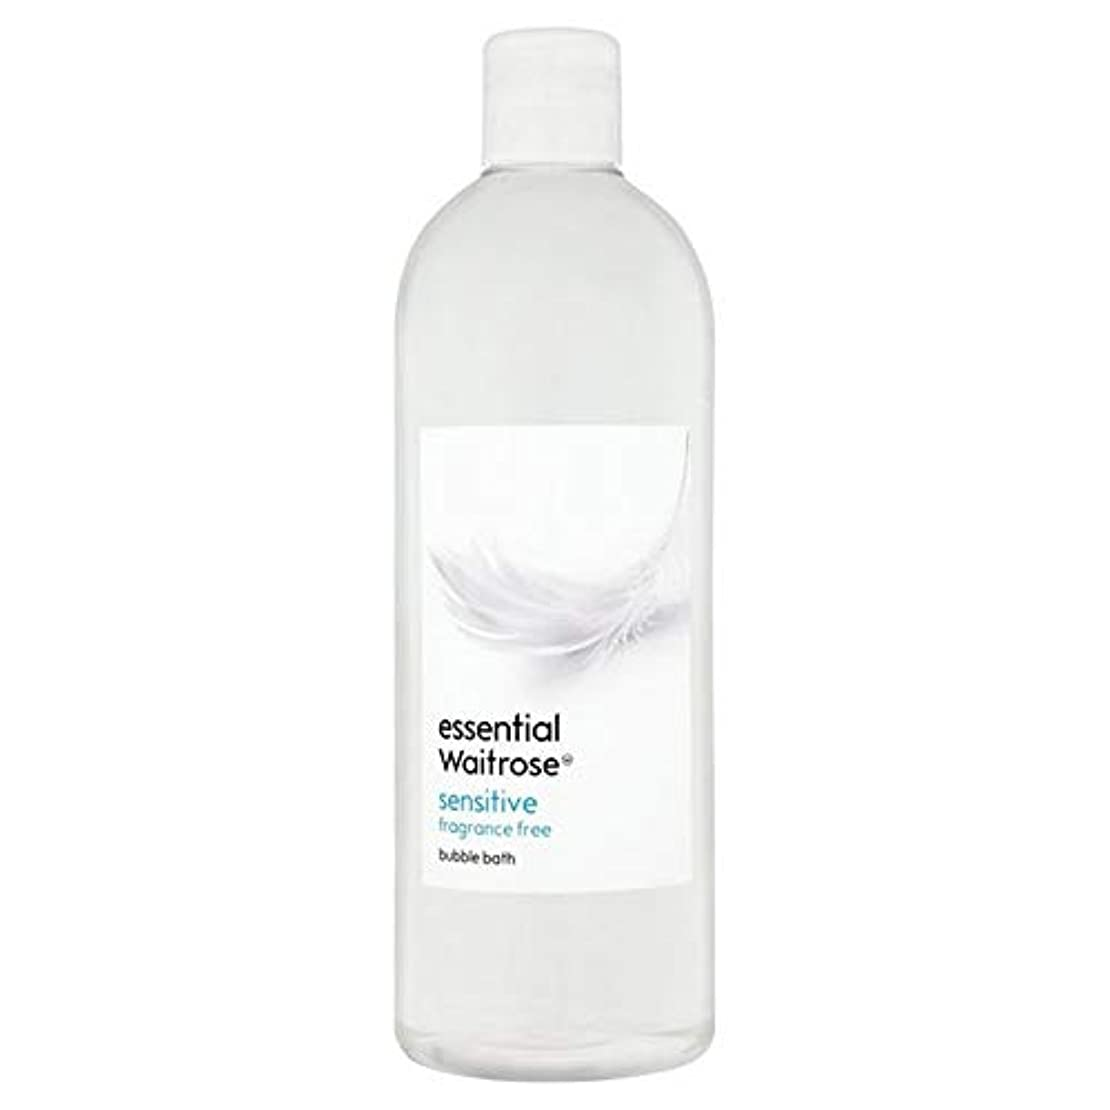 ひどいまっすぐ奨励します[Waitrose ] 基本的なウェイトローズ泡風呂に敏感な750ミリリットル - Essential Waitrose Bubble Bath Sensitive 750ml [並行輸入品]